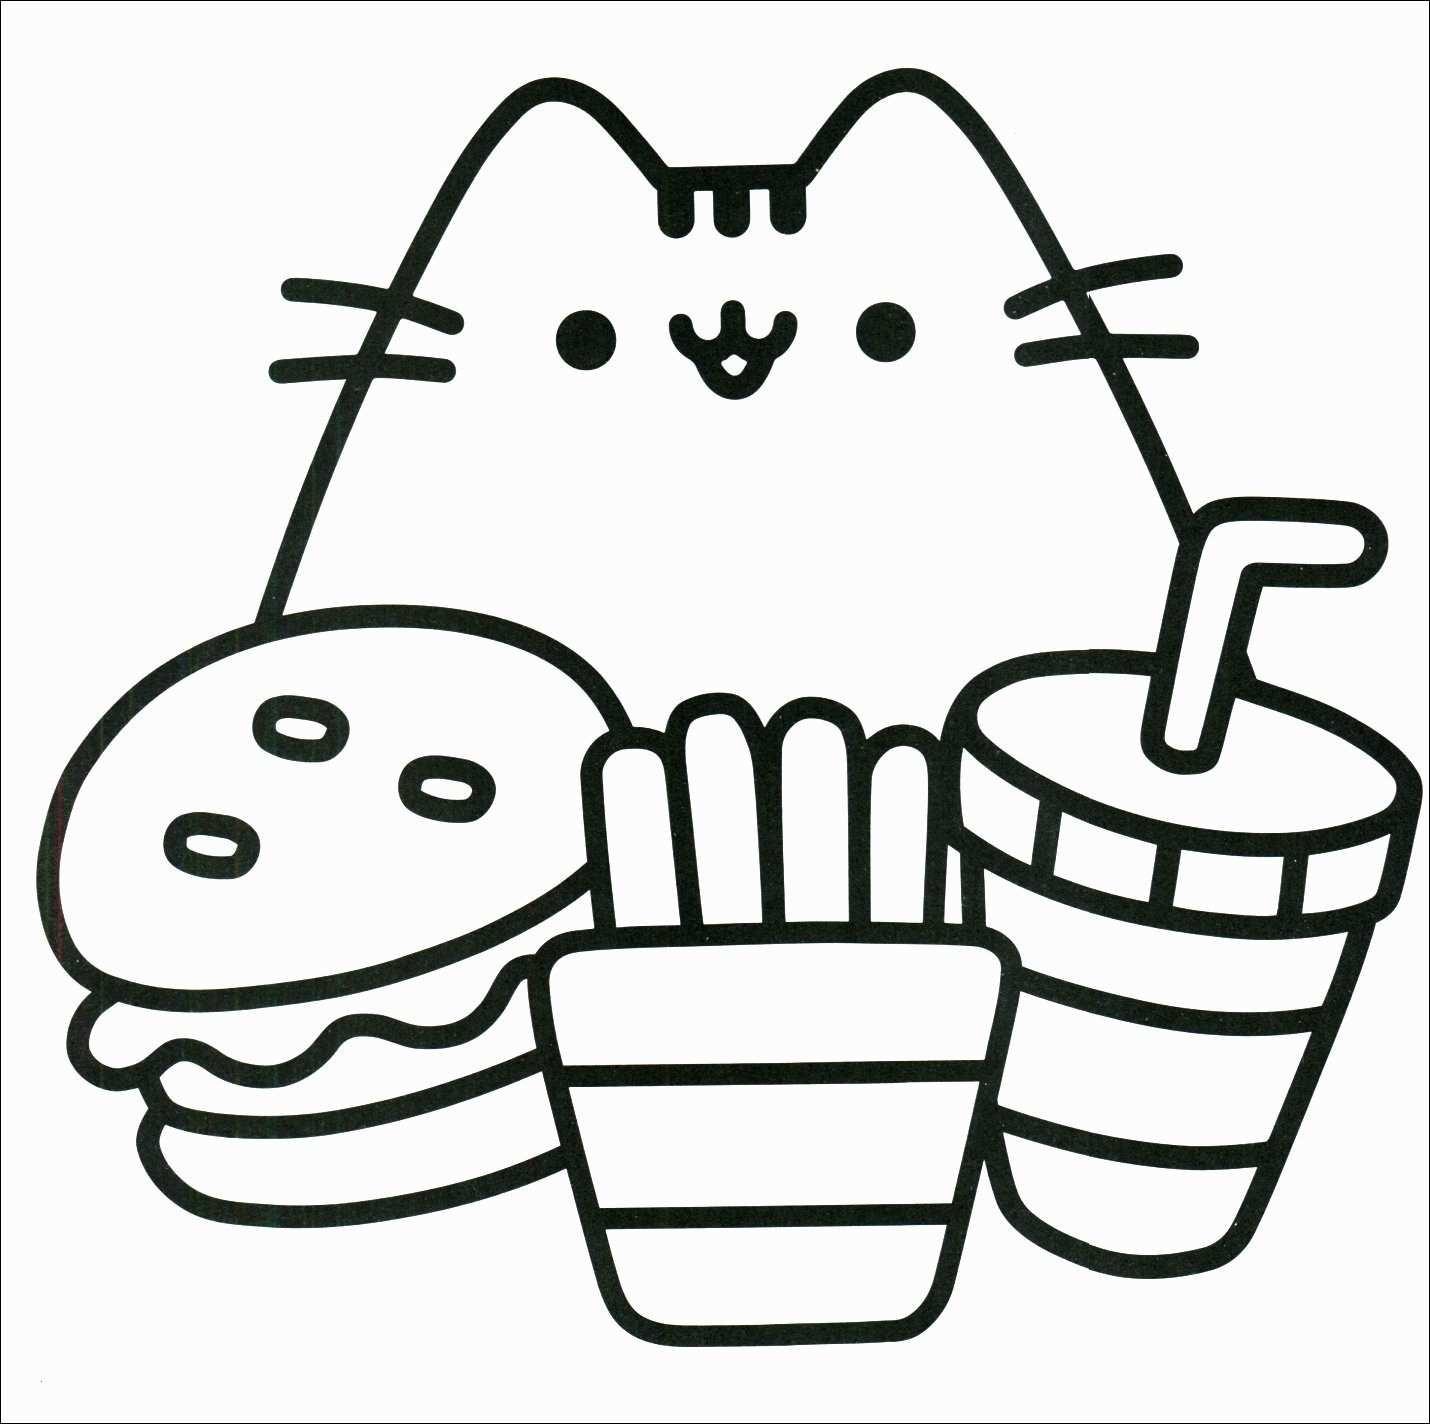 Malvorlagen Hello Kitty Einzigartig Ausmalbilder Hello Kitty Ausdrucken Abbild – Ausmalbilder Ideen Fotos